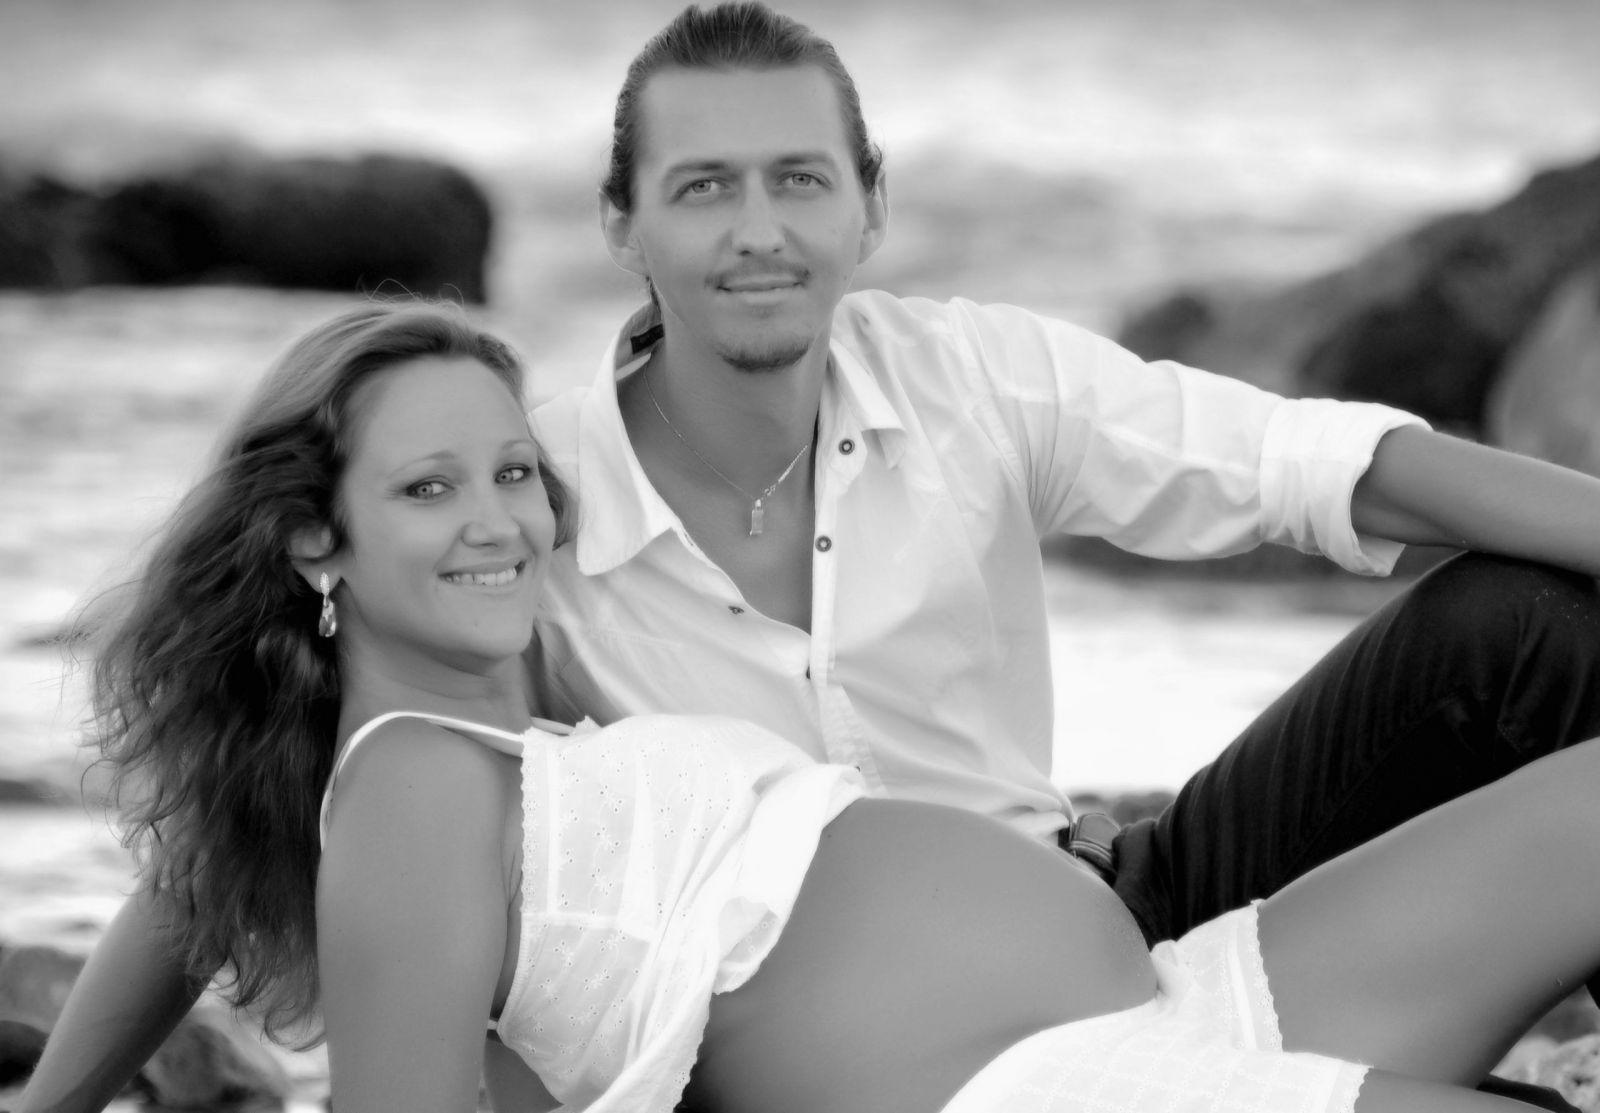 fotografo-embarazada-familia-barcelona-sitges-tarragona-58